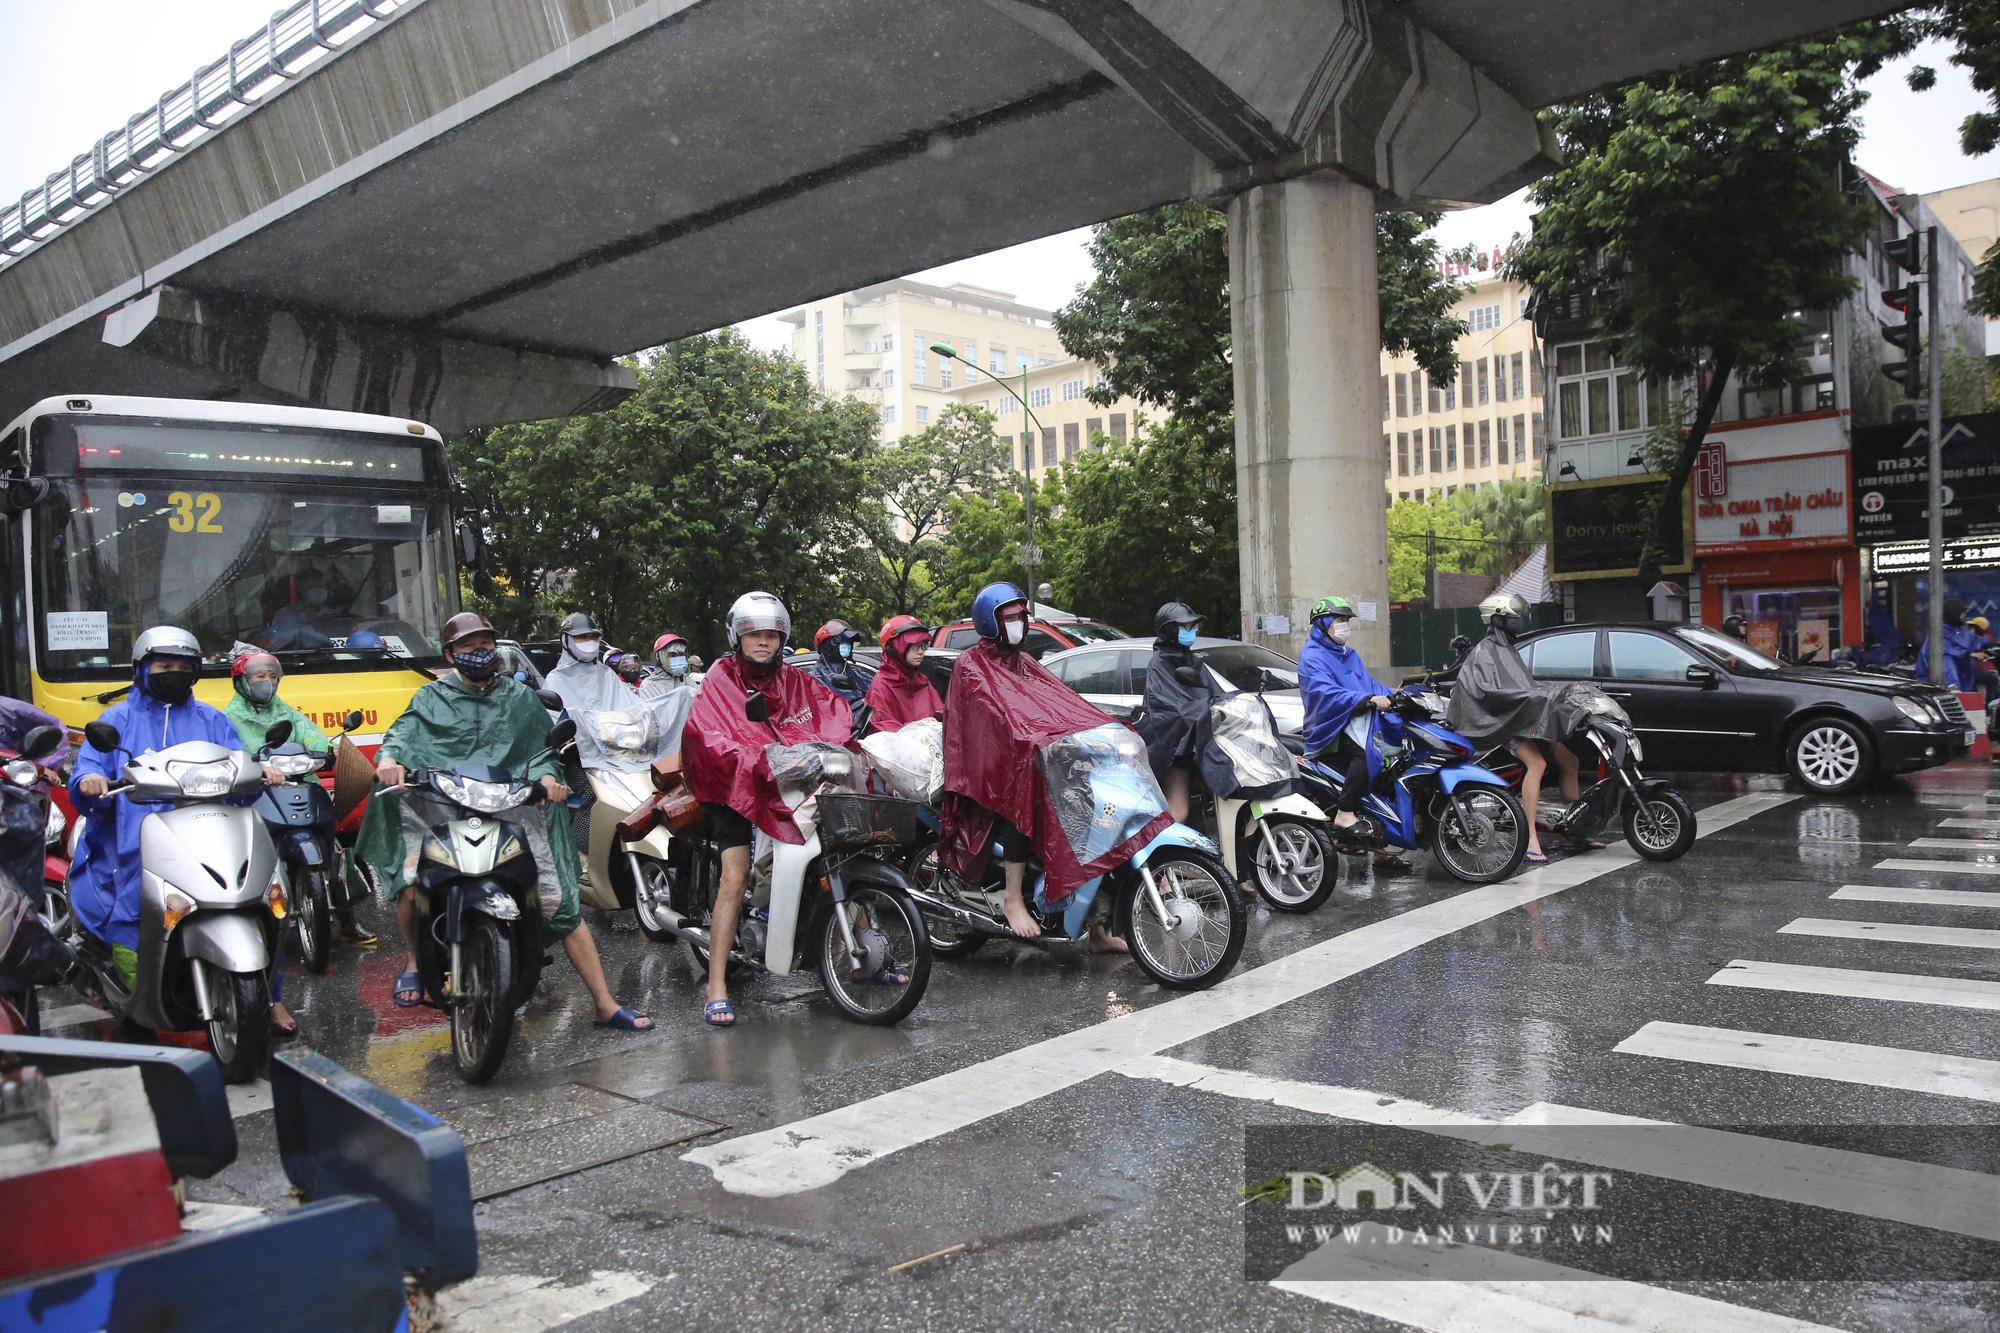 Sau bão số 2, Hà Nội mưa cả ngày khiến mực nước sông Tô Lịch bất ngờ dâng cao - Ảnh 3.